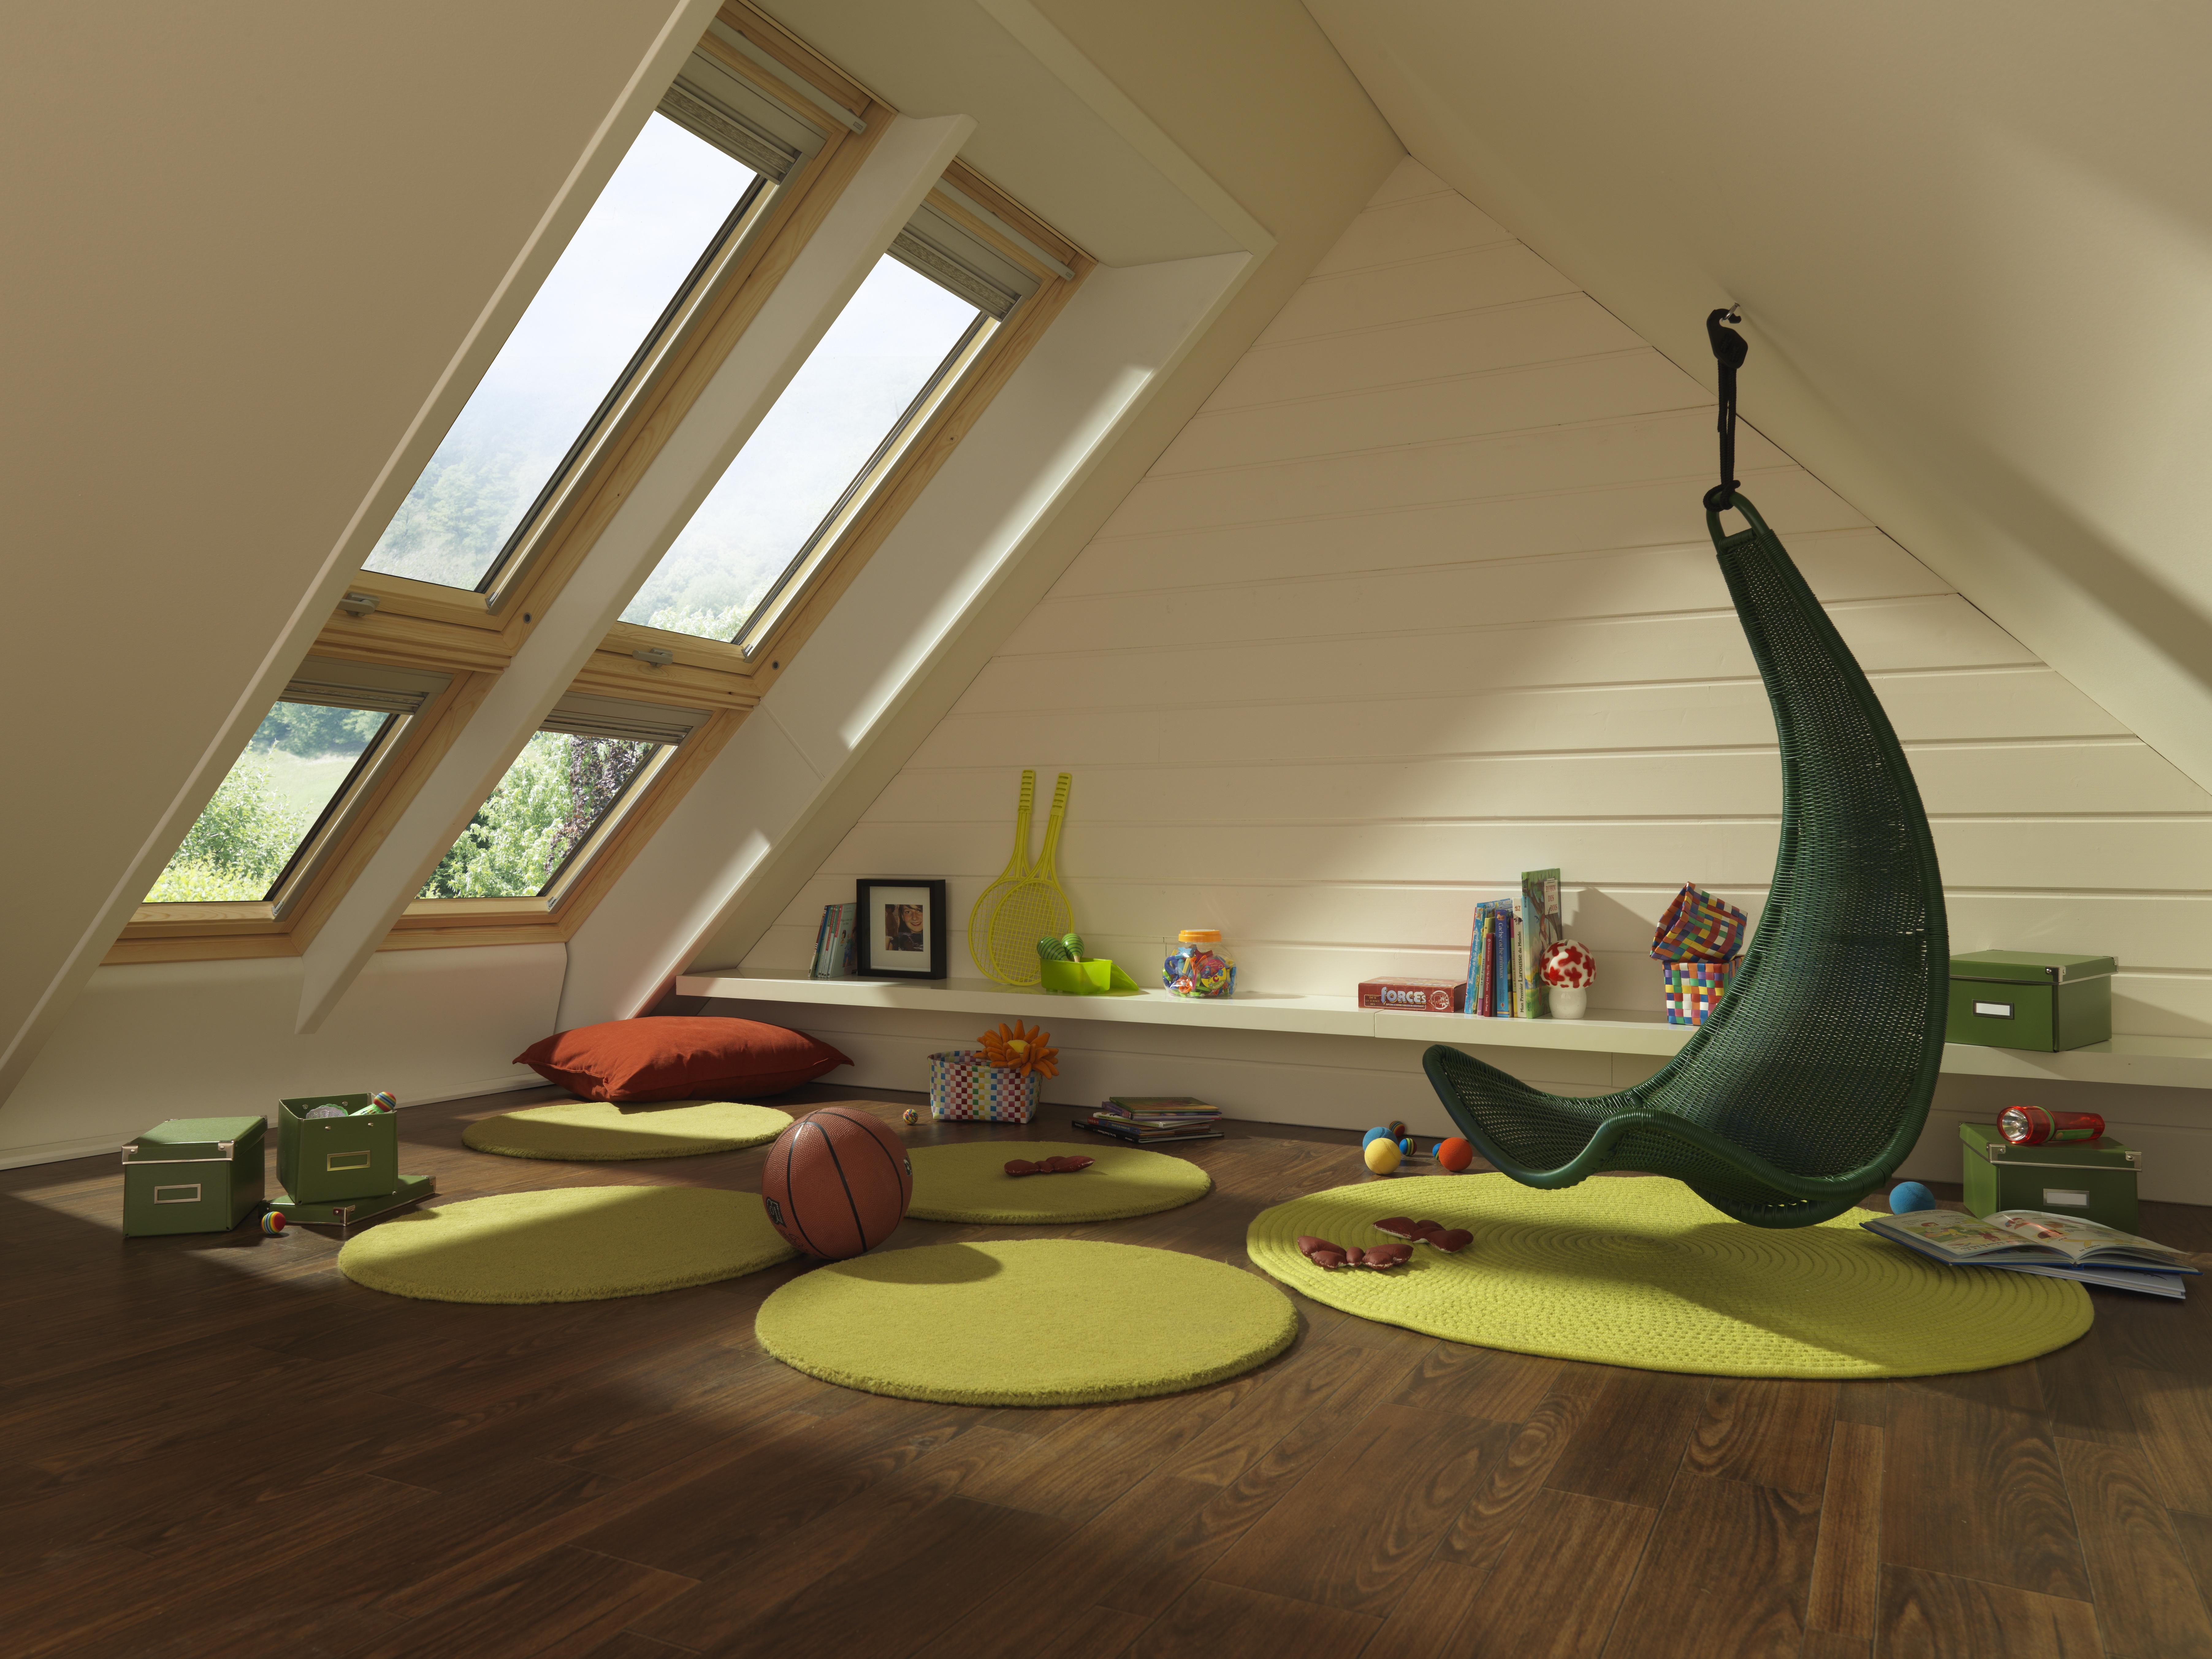 fenetre de toit electrique amazing ggl et ggu integra ouverture lectrique par rotation la. Black Bedroom Furniture Sets. Home Design Ideas